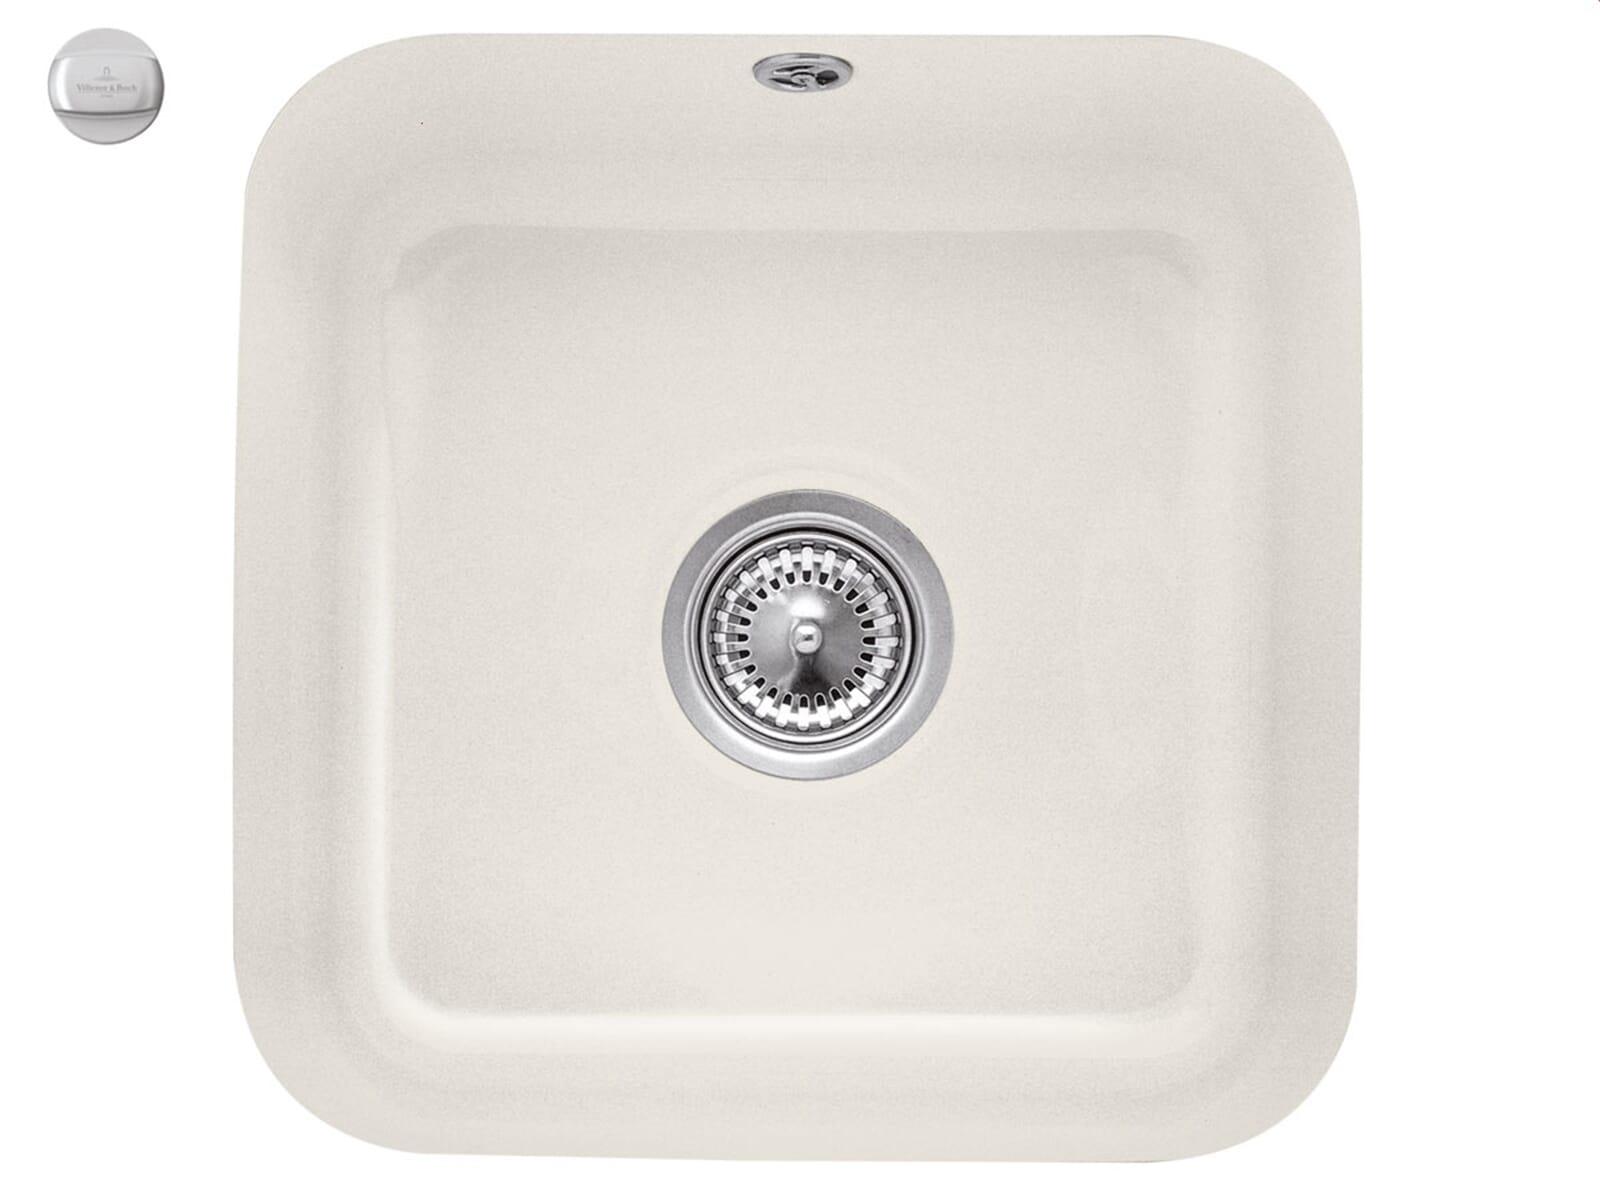 Villeroy & Boch Cisterna 50 Crema - 6703 02 KR Keramikspüle Exzenterbetätigung